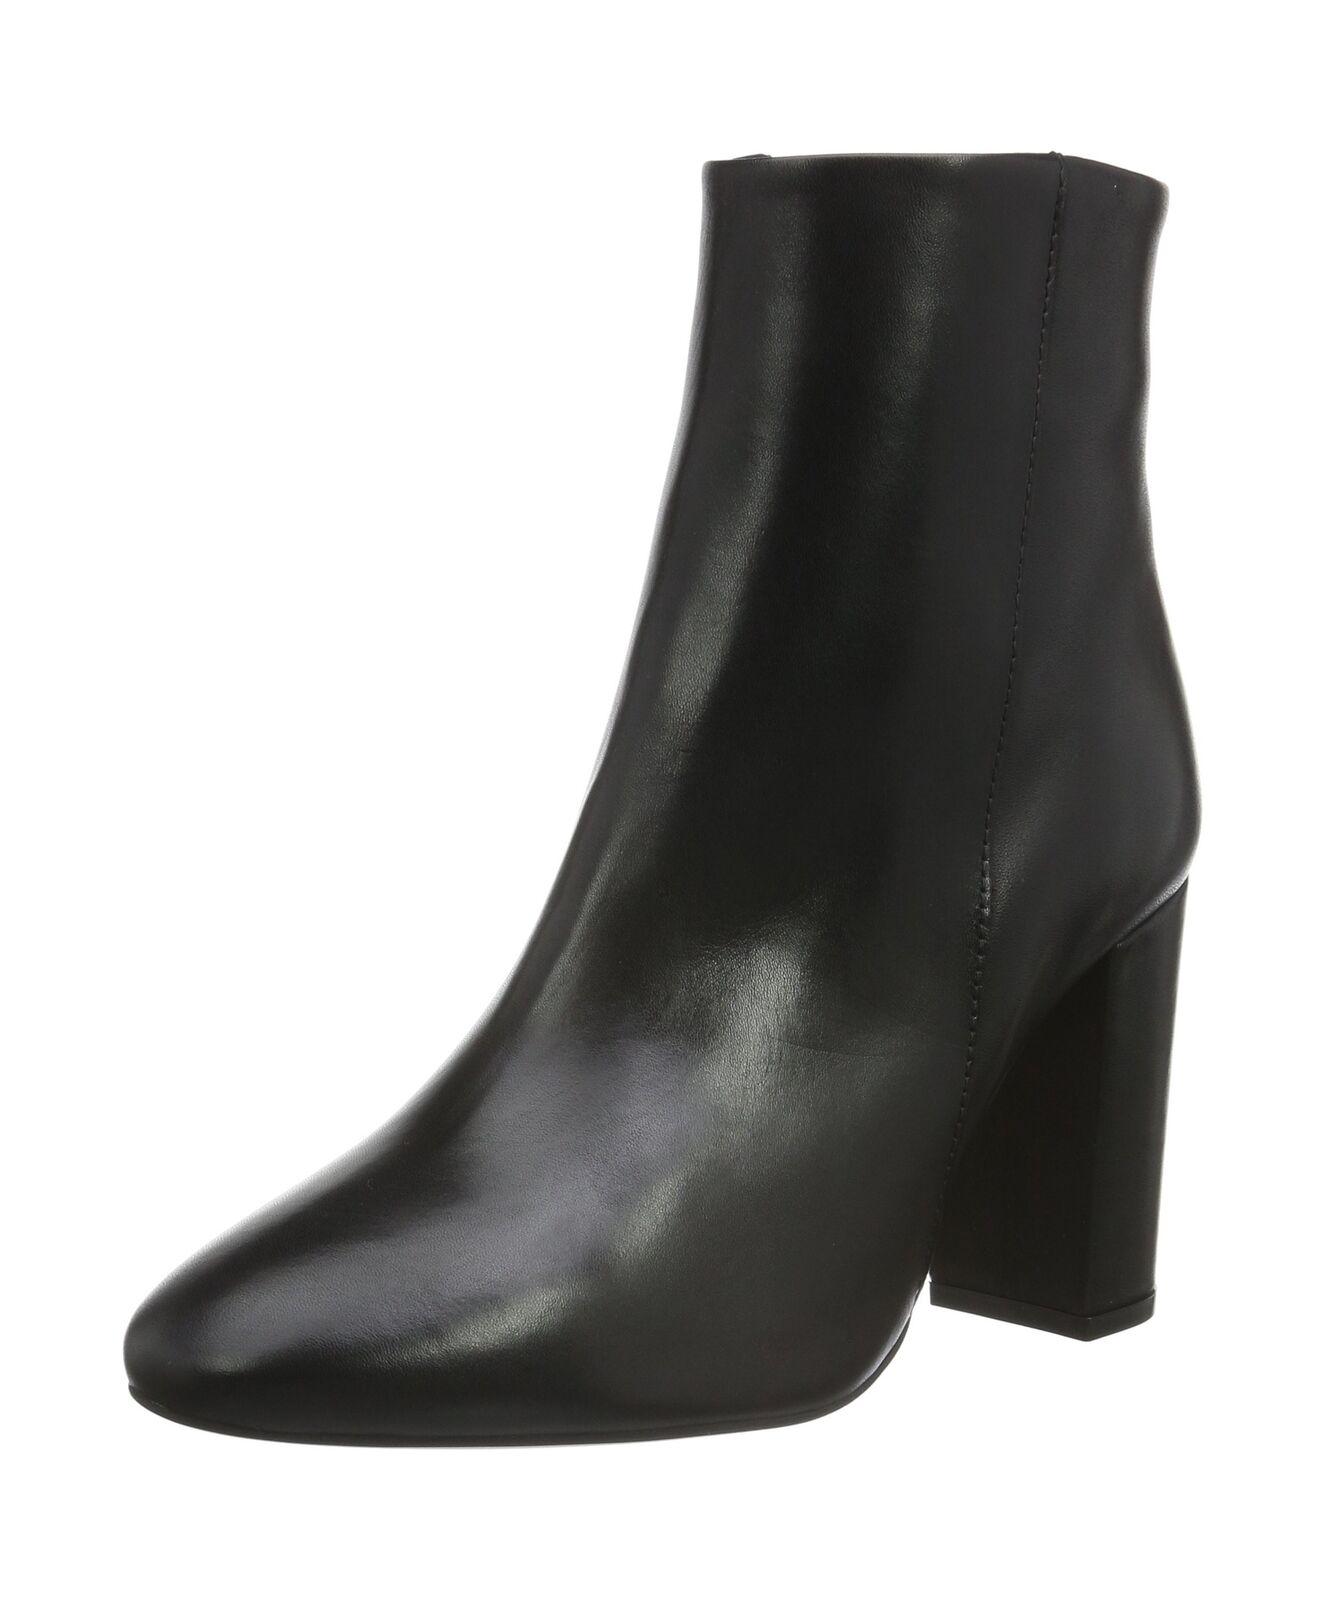 Buffalo Londres para mujer botas al tobillo es 30788 Nappa Negro (Preto 01) 6.5 Reino Unido